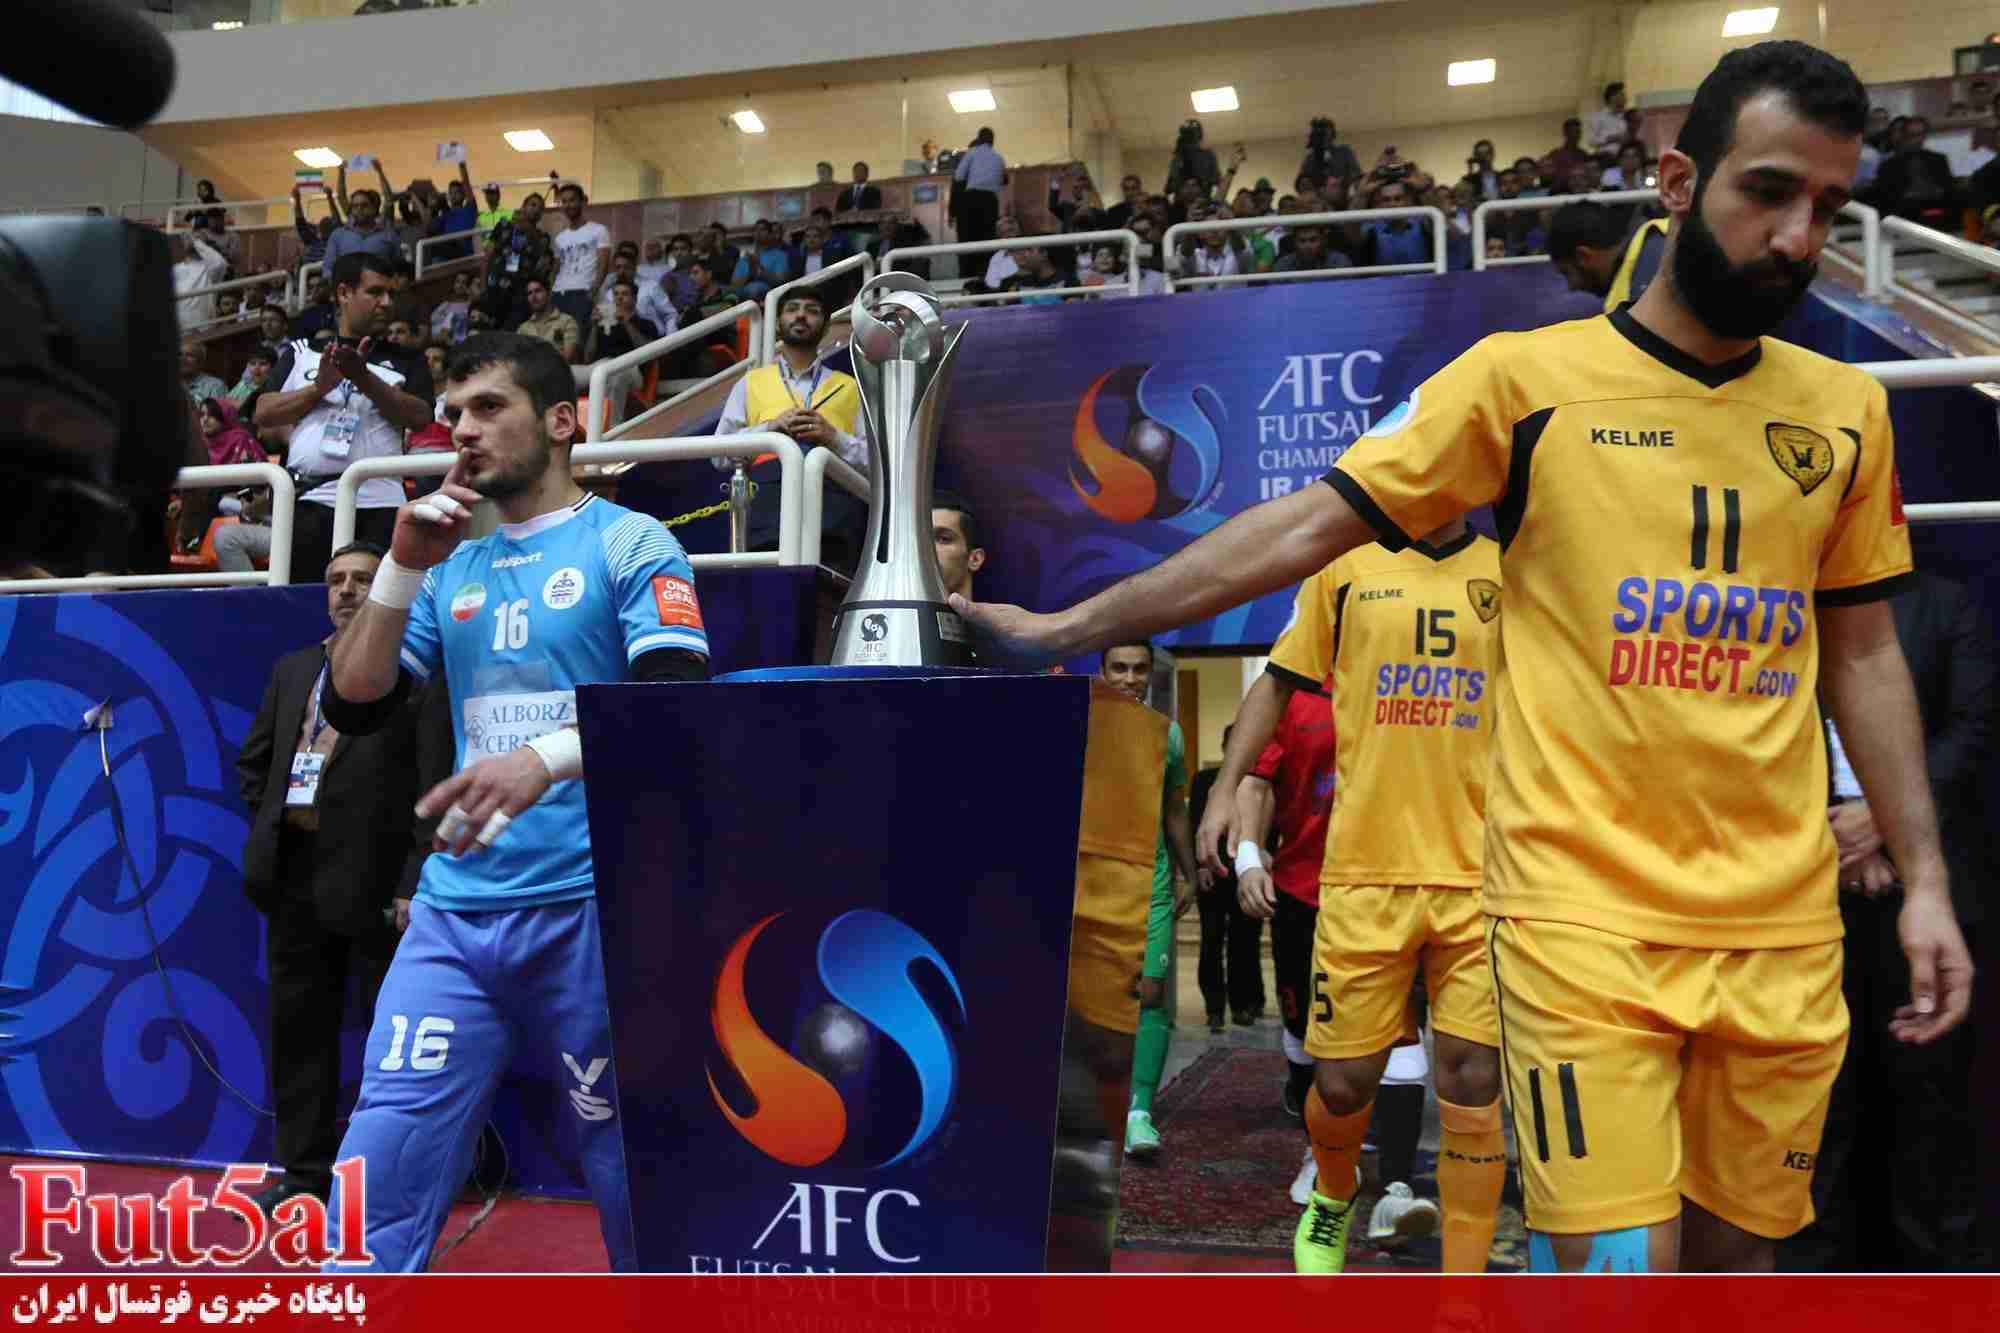 برنامه کامل مسابقات فوتسال باشگاه های آسیا/۲۵تیر اولین بازی دریایی ها